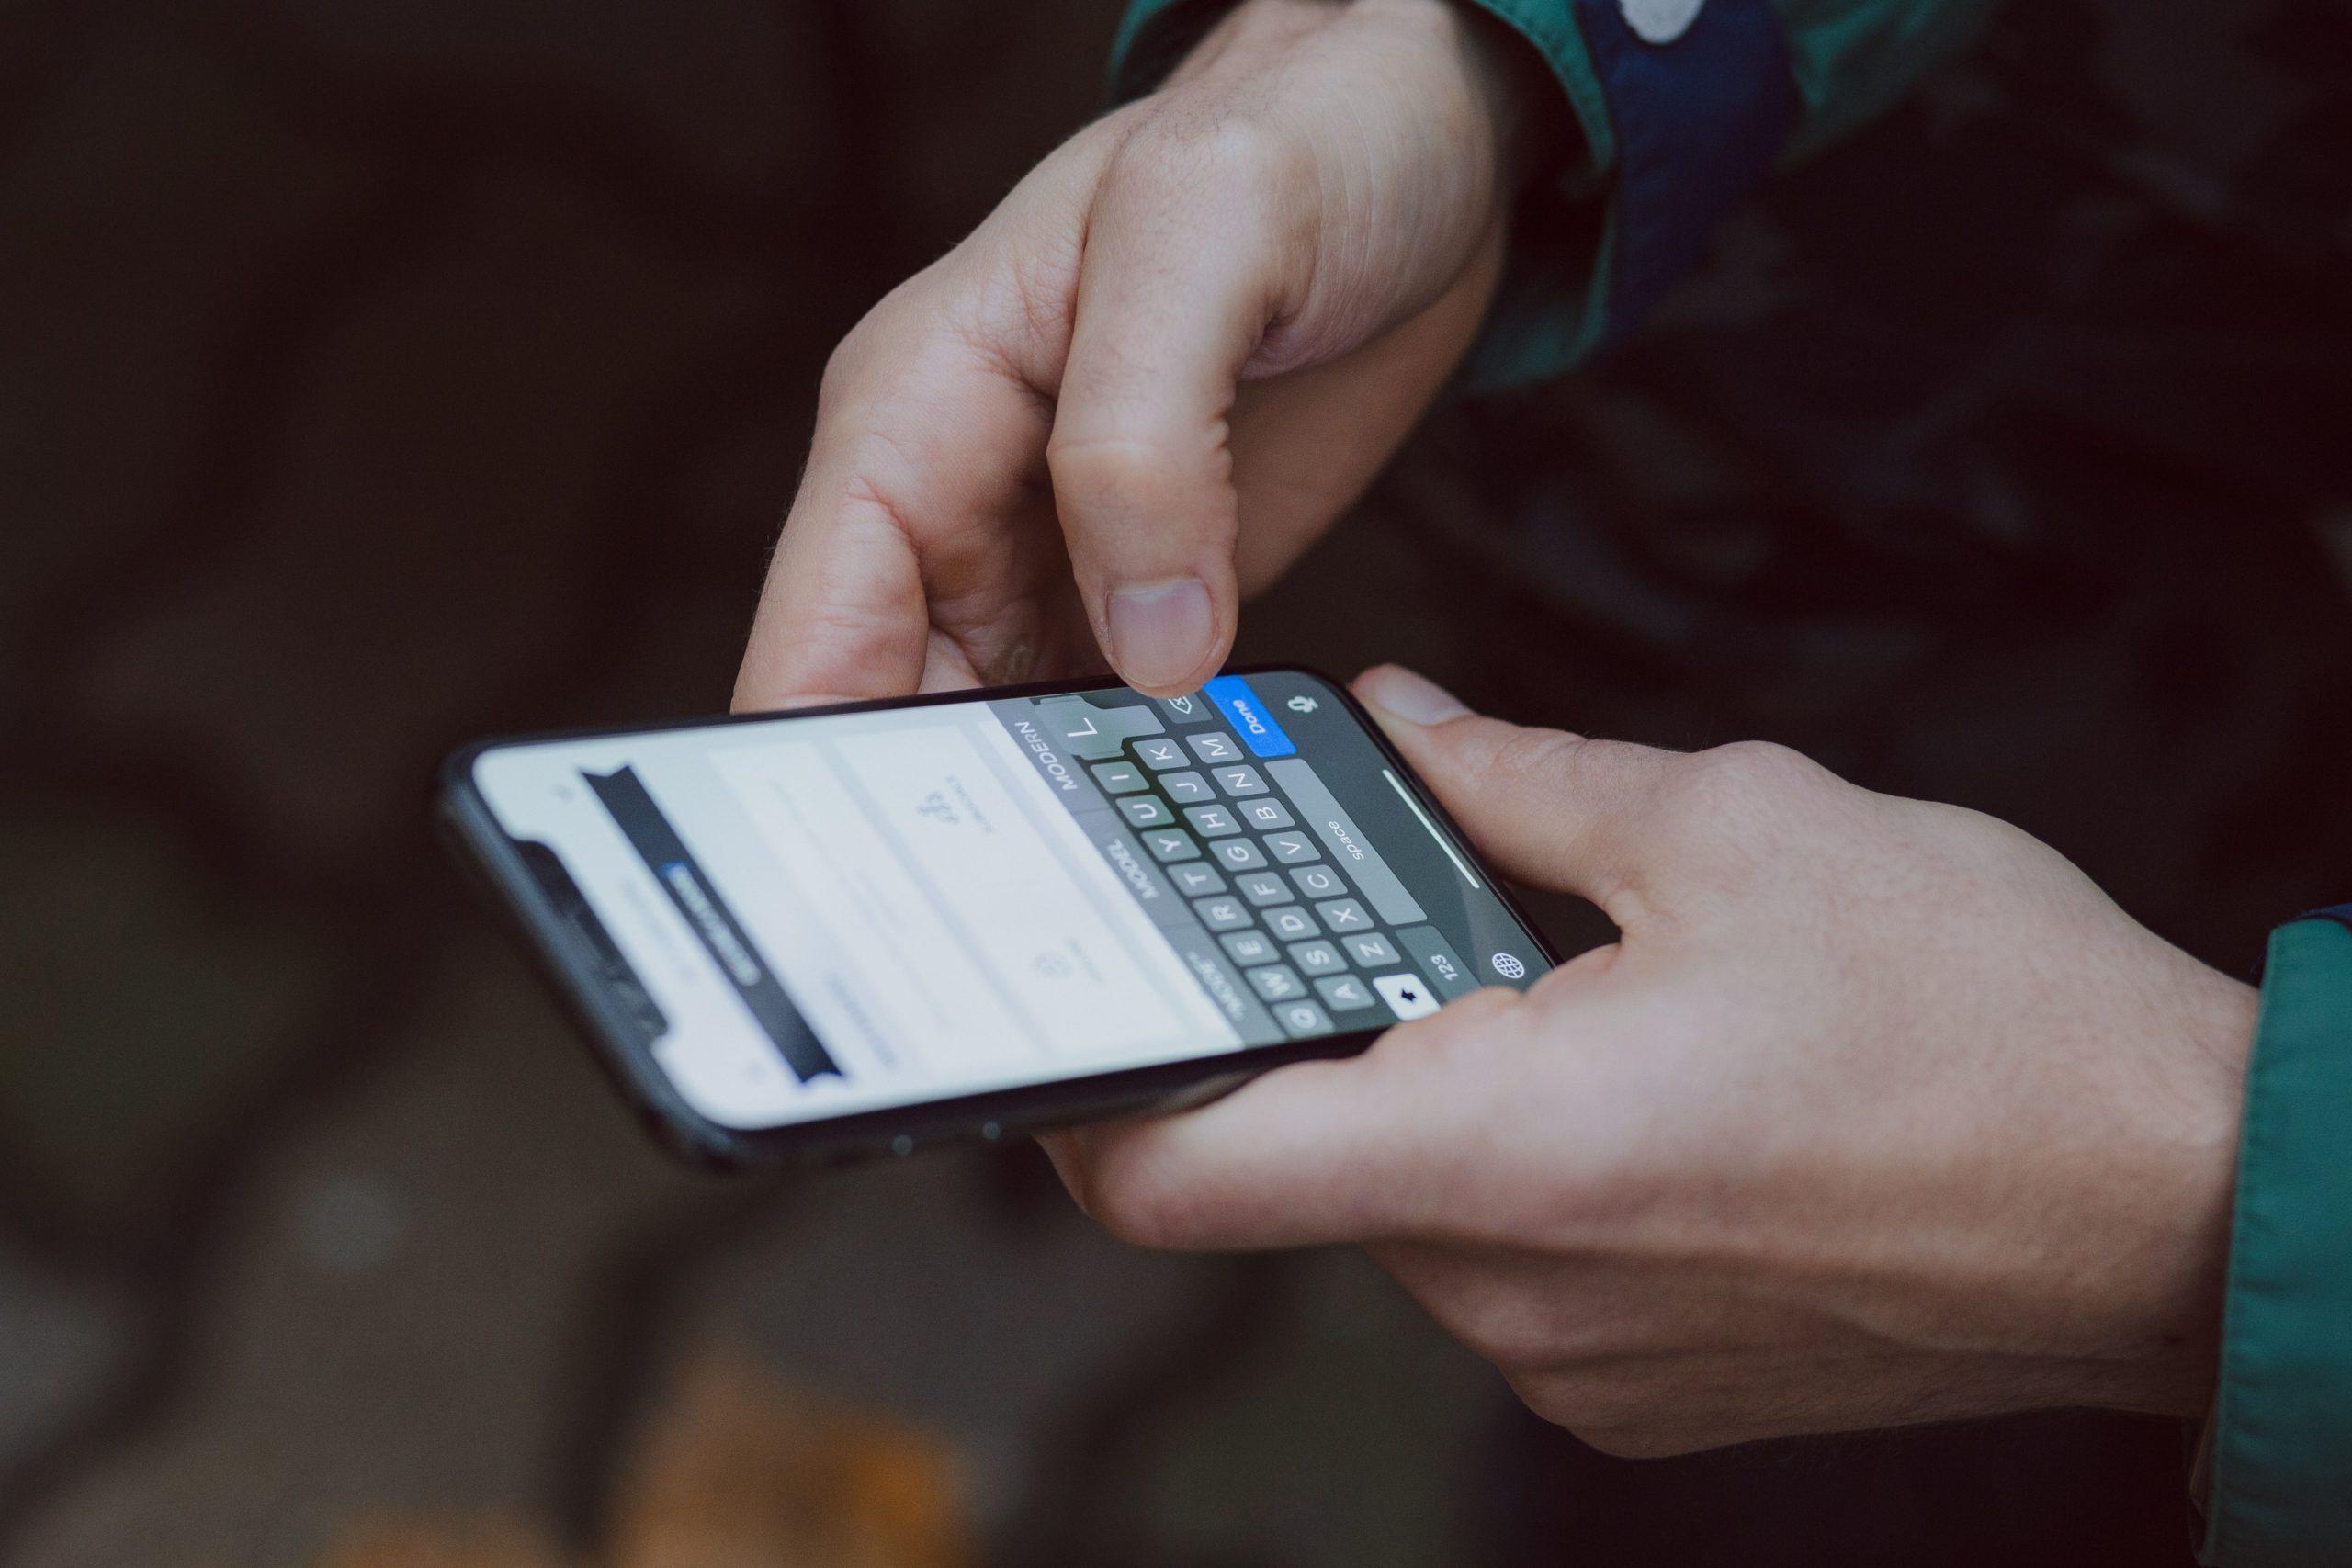 Il diritto alla protezione dei dati personali nell'emergenza migratoria